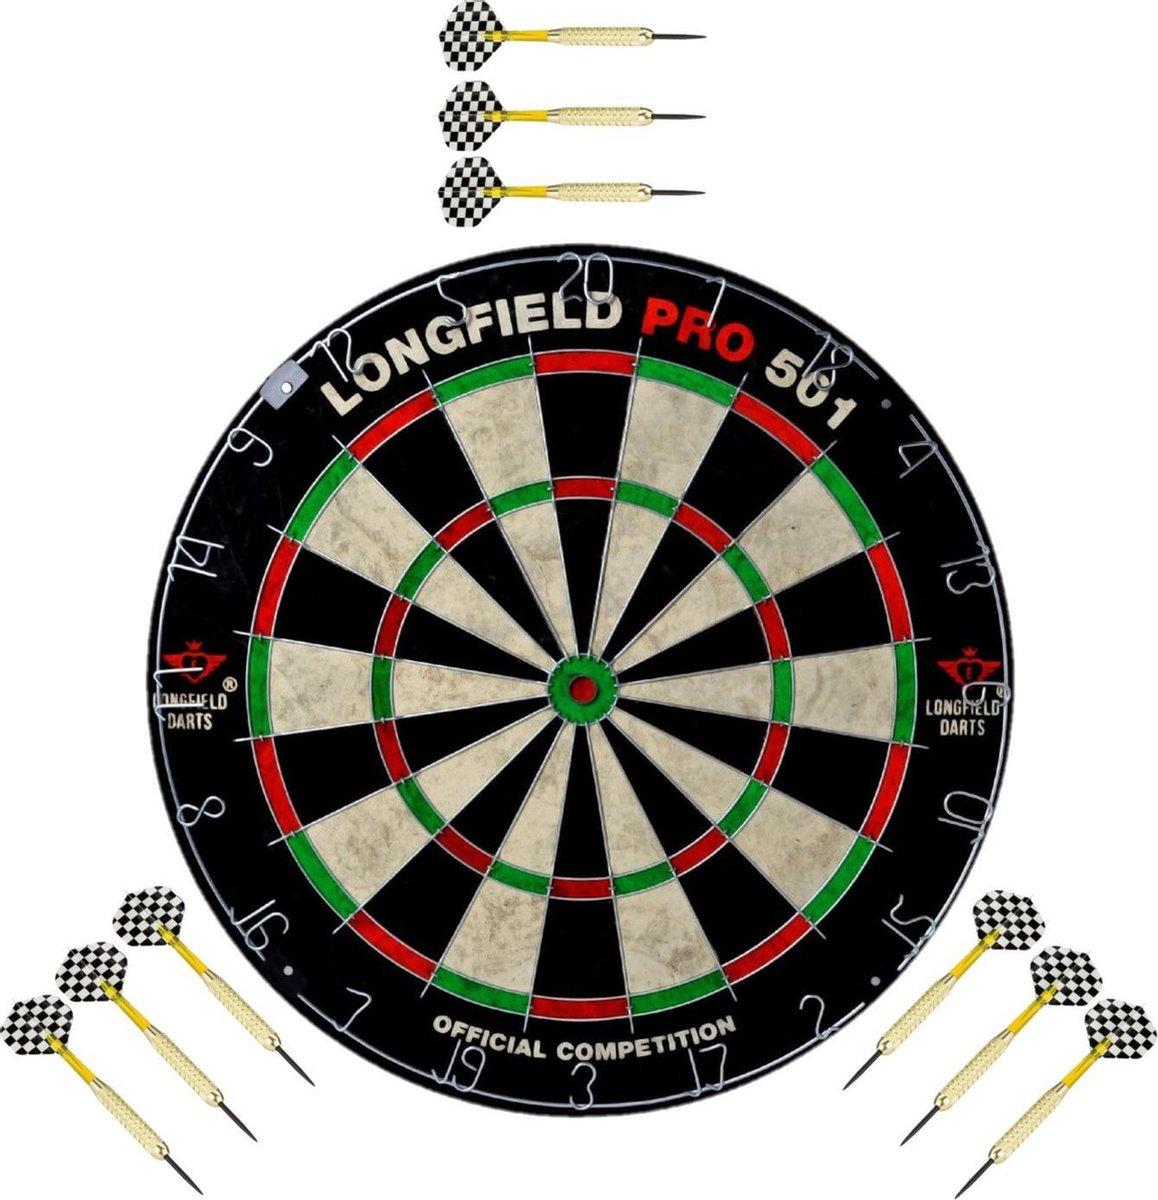 Dartbord set compleet van diameter 45.5 cm met 9x dartpijlen van 21 gram - Longfield professional - Darten